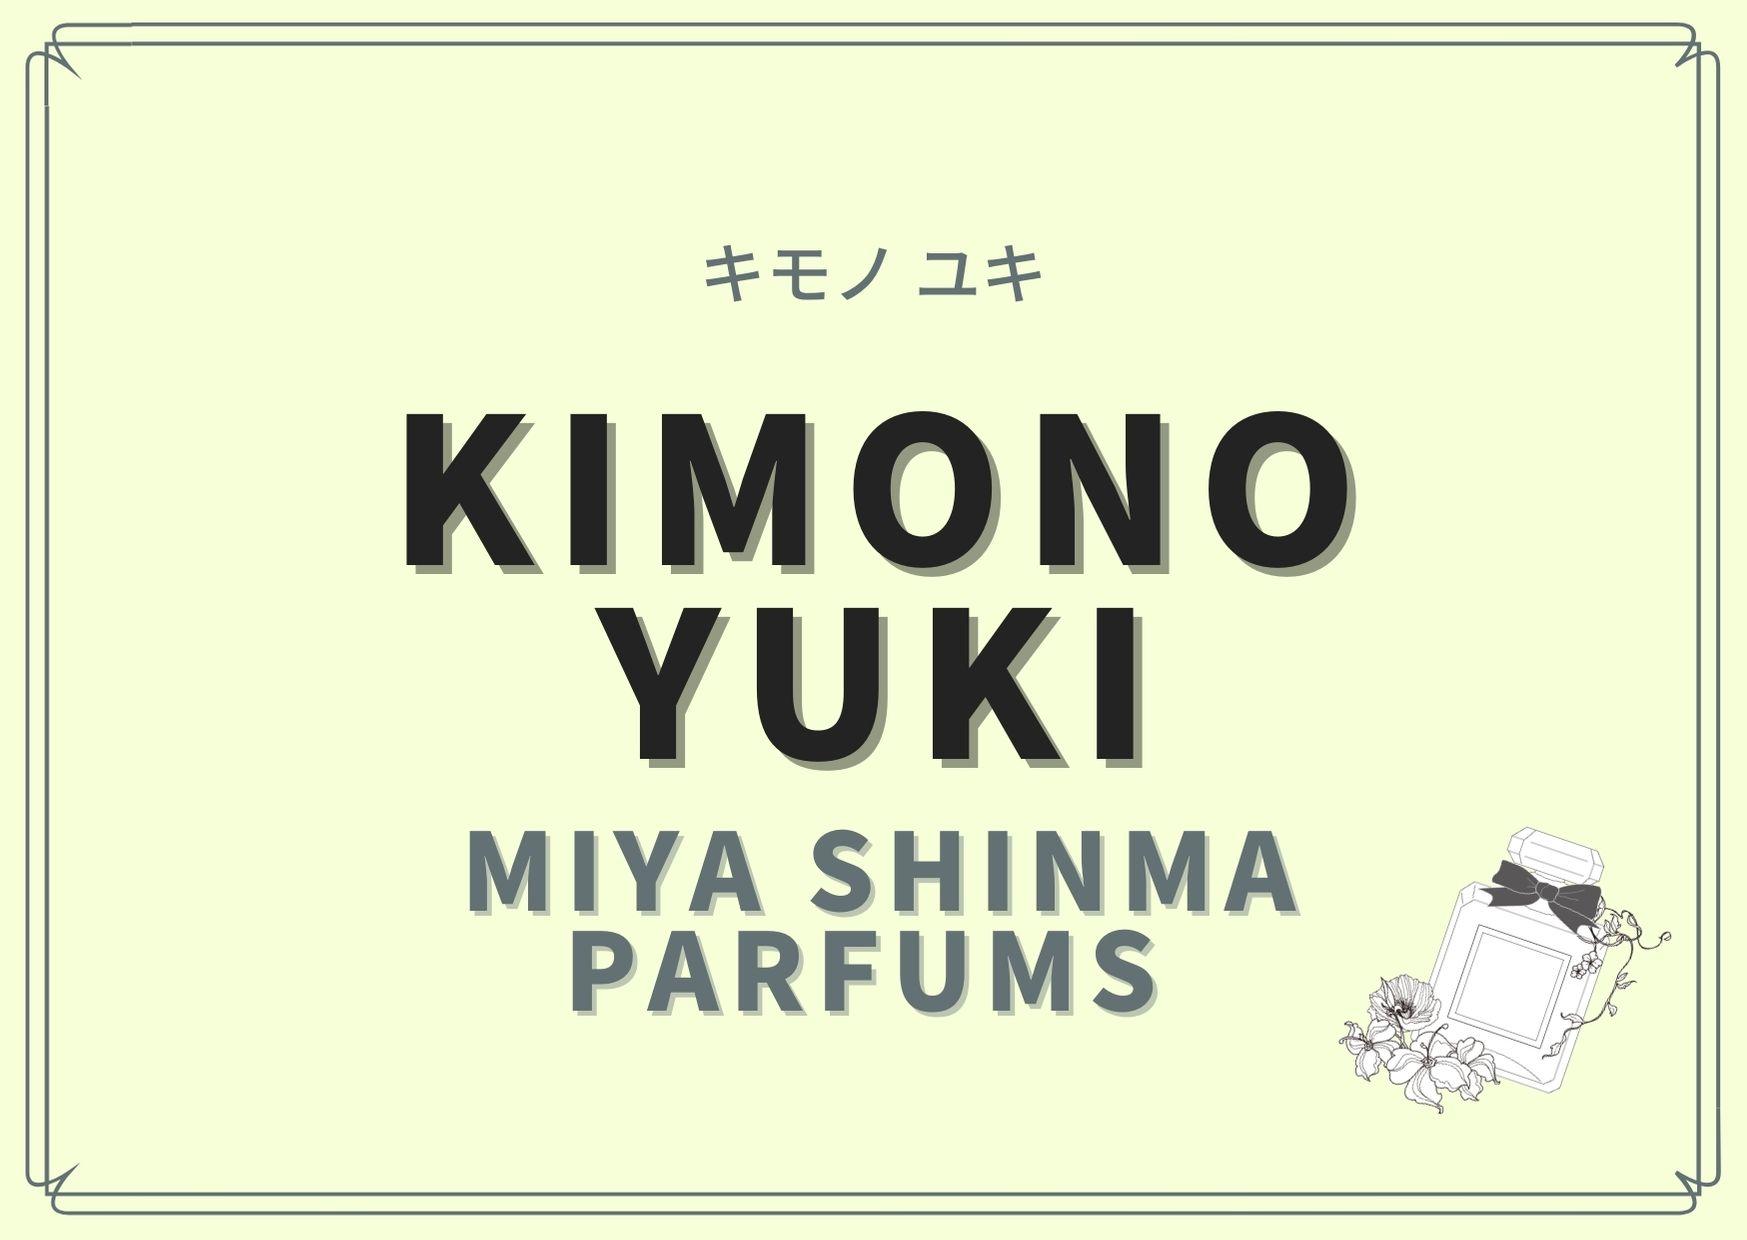 KIMONO YUKI(キモノ ユキ)/Miya Shinma parfums (ミヤ シンマ パルファン)